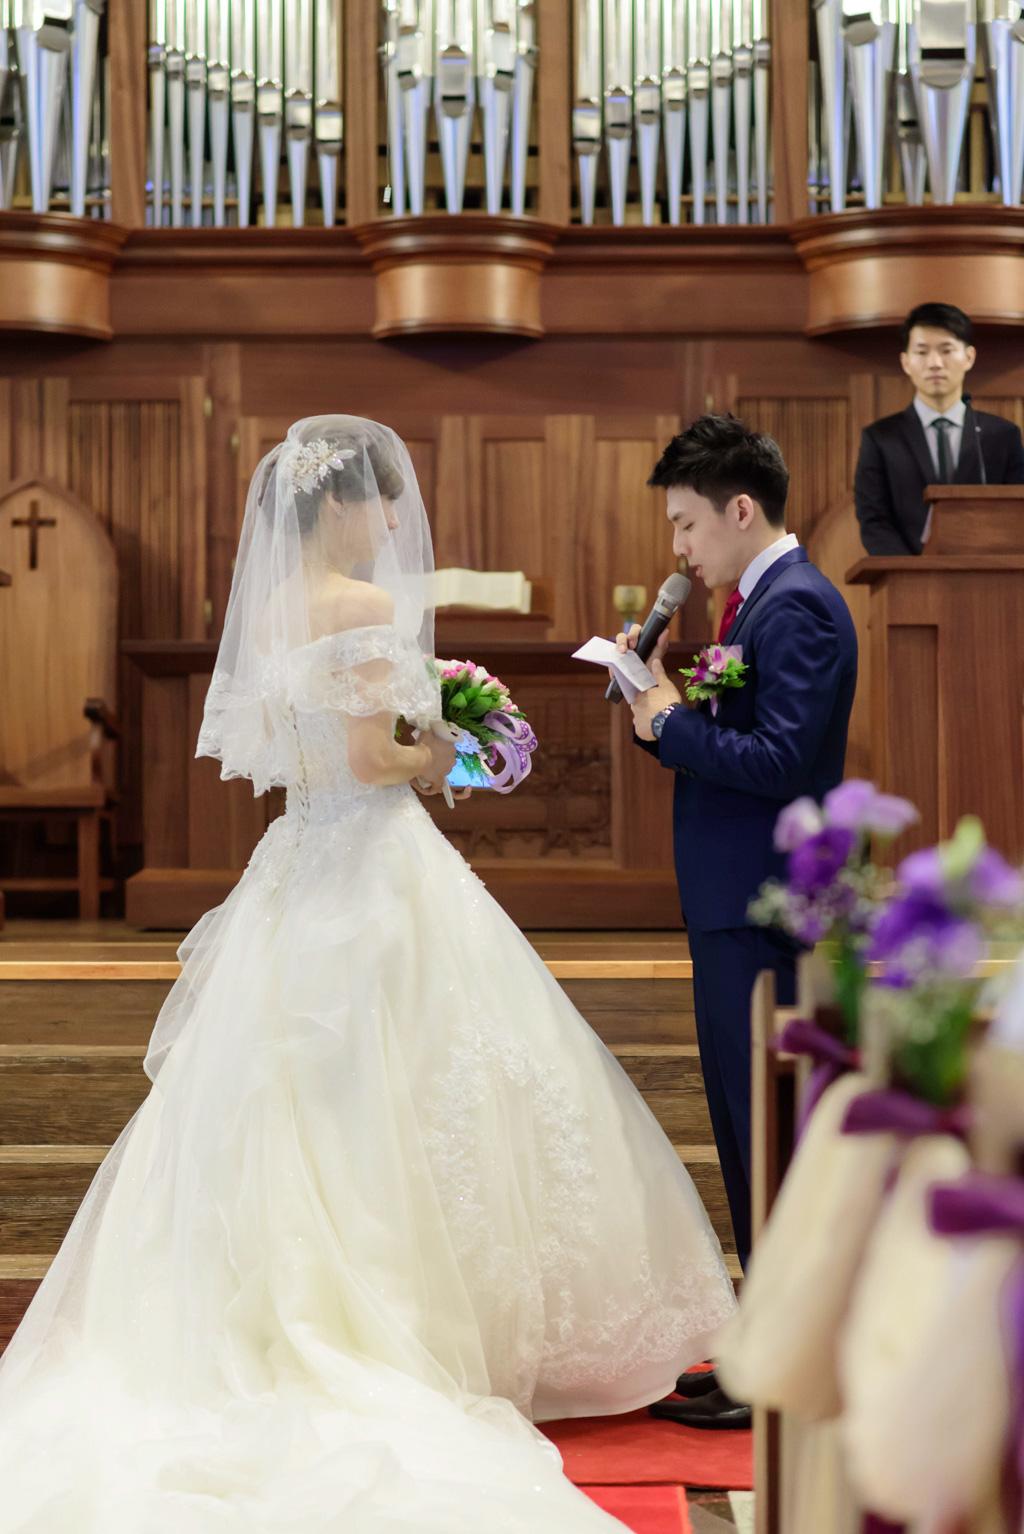 婚攝小勇, 小寶團隊, 台北婚攝, 自助婚紗, 君品, 婚禮紀錄, vivian, wedding day-044